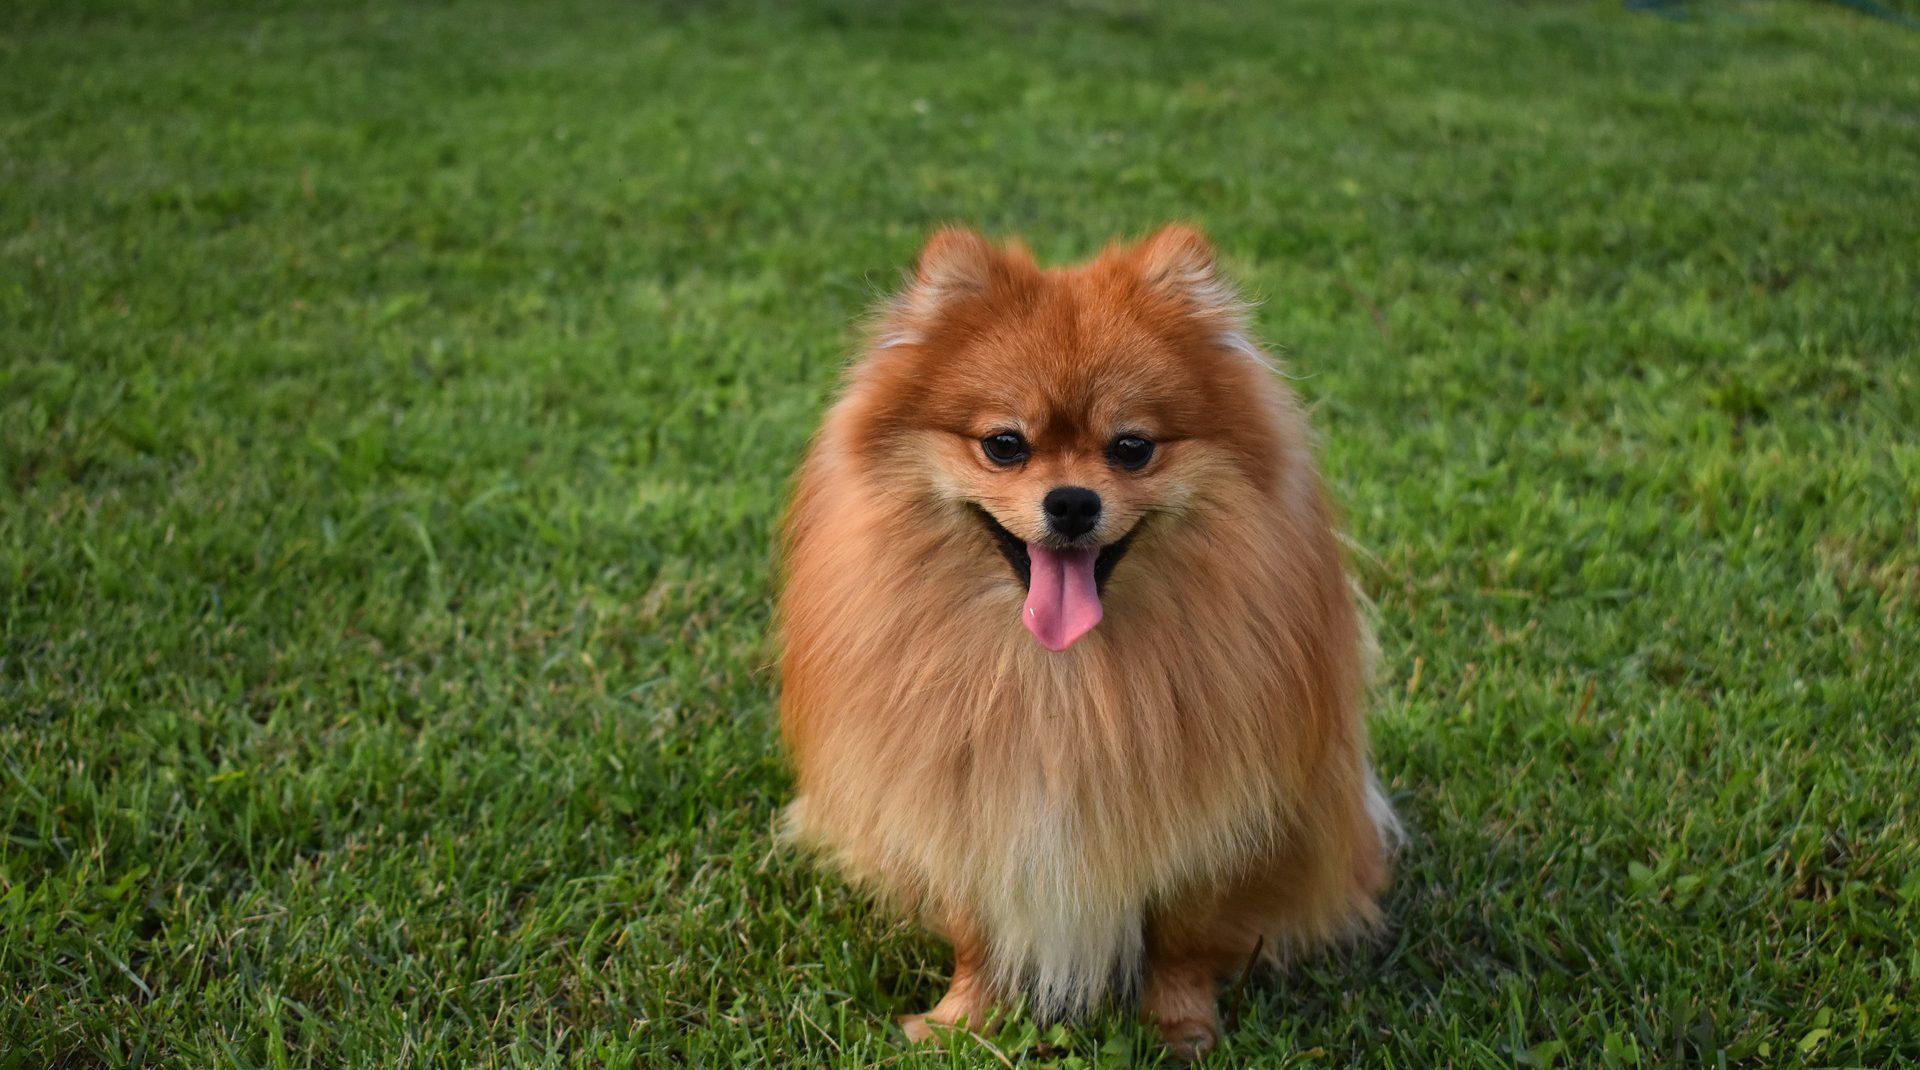 ปอมเมอราเนียน (Pomeranian)…เจ้าตัวเล็กตาหวานเยิ้ม